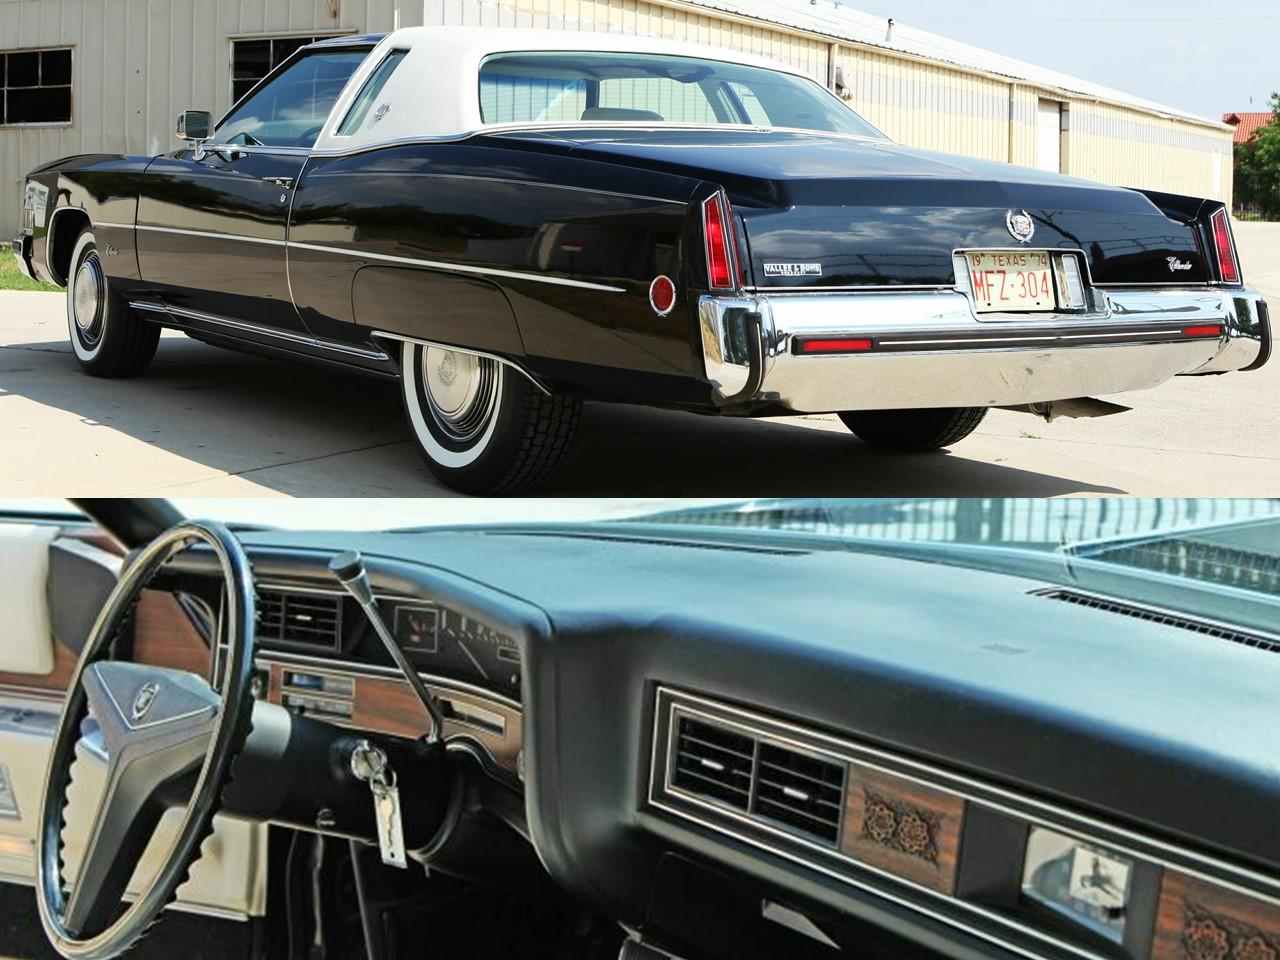 1973 Eldorado 12